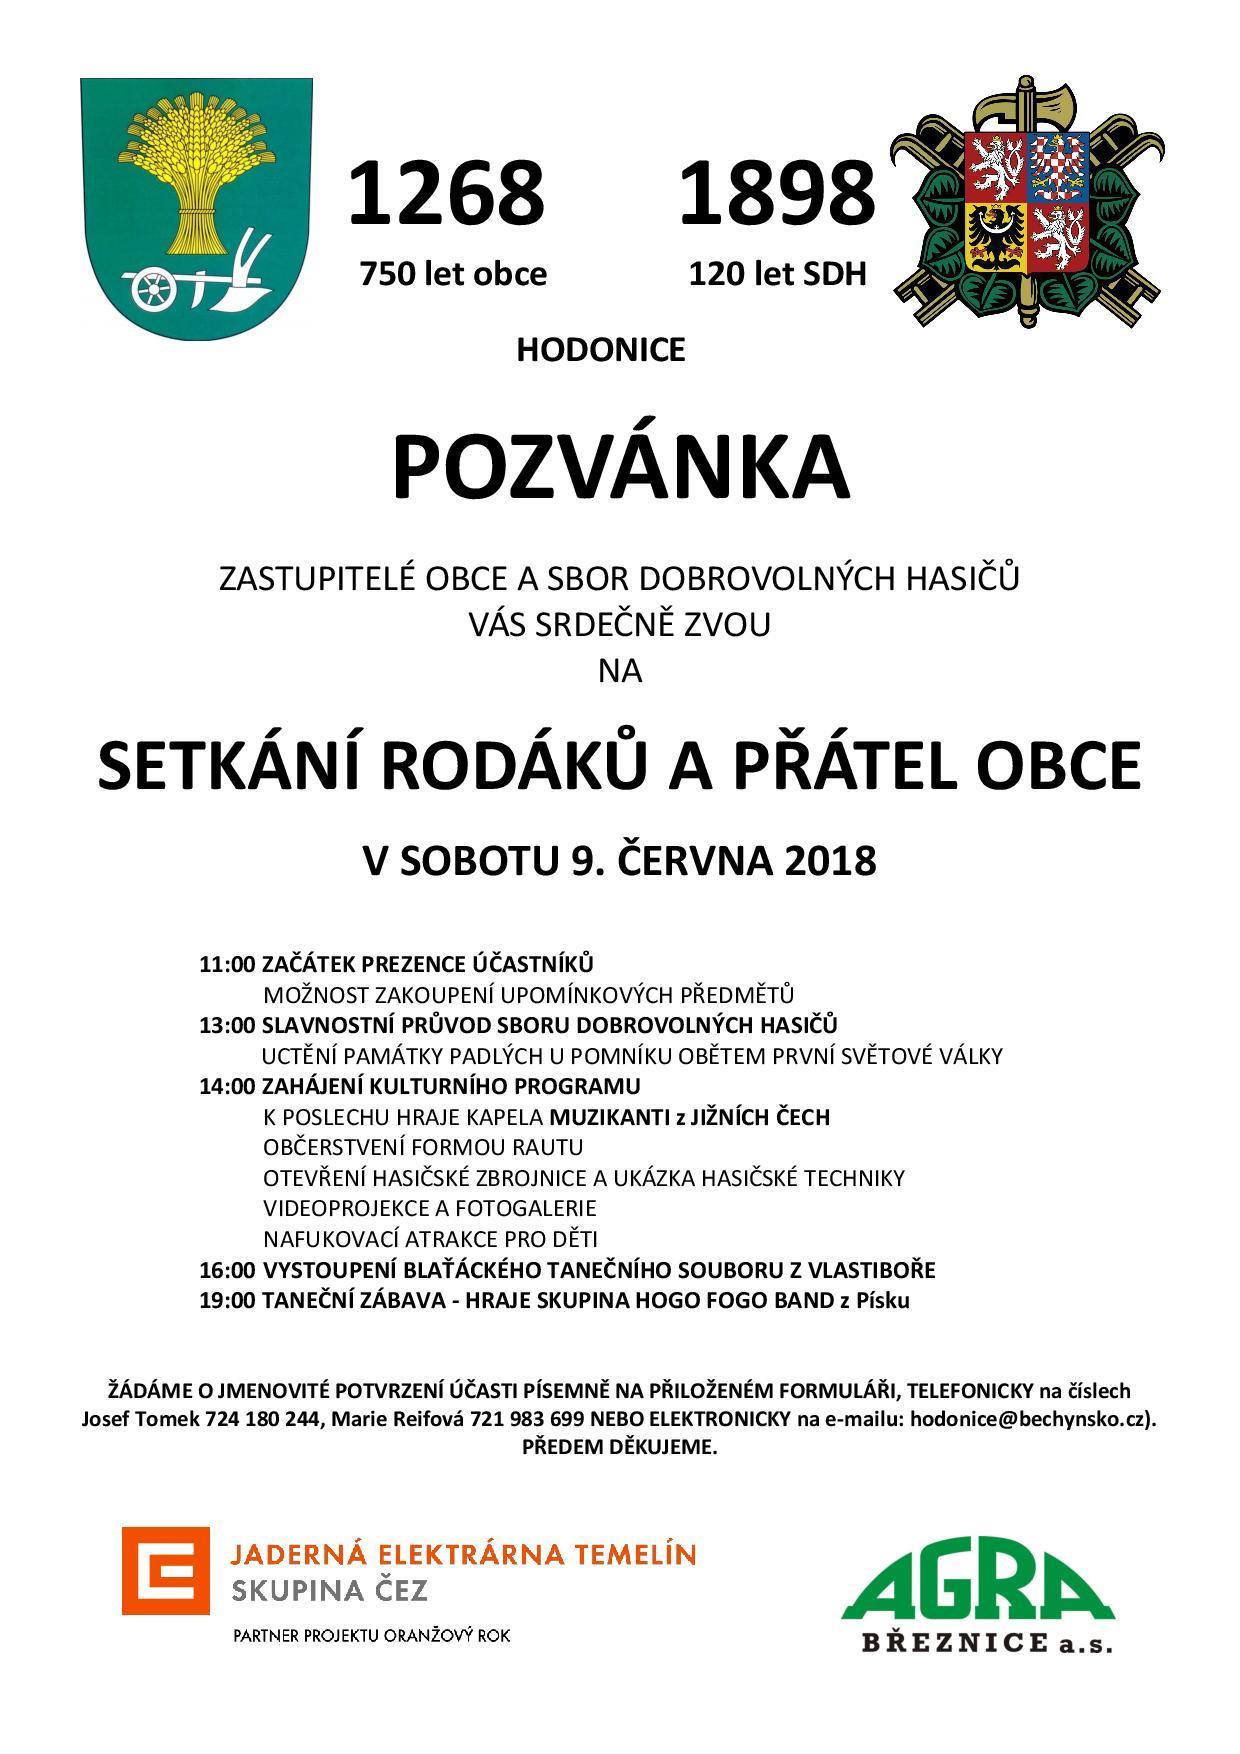 Pozvánka na setkání rodáků a přátel obce Hodonice.